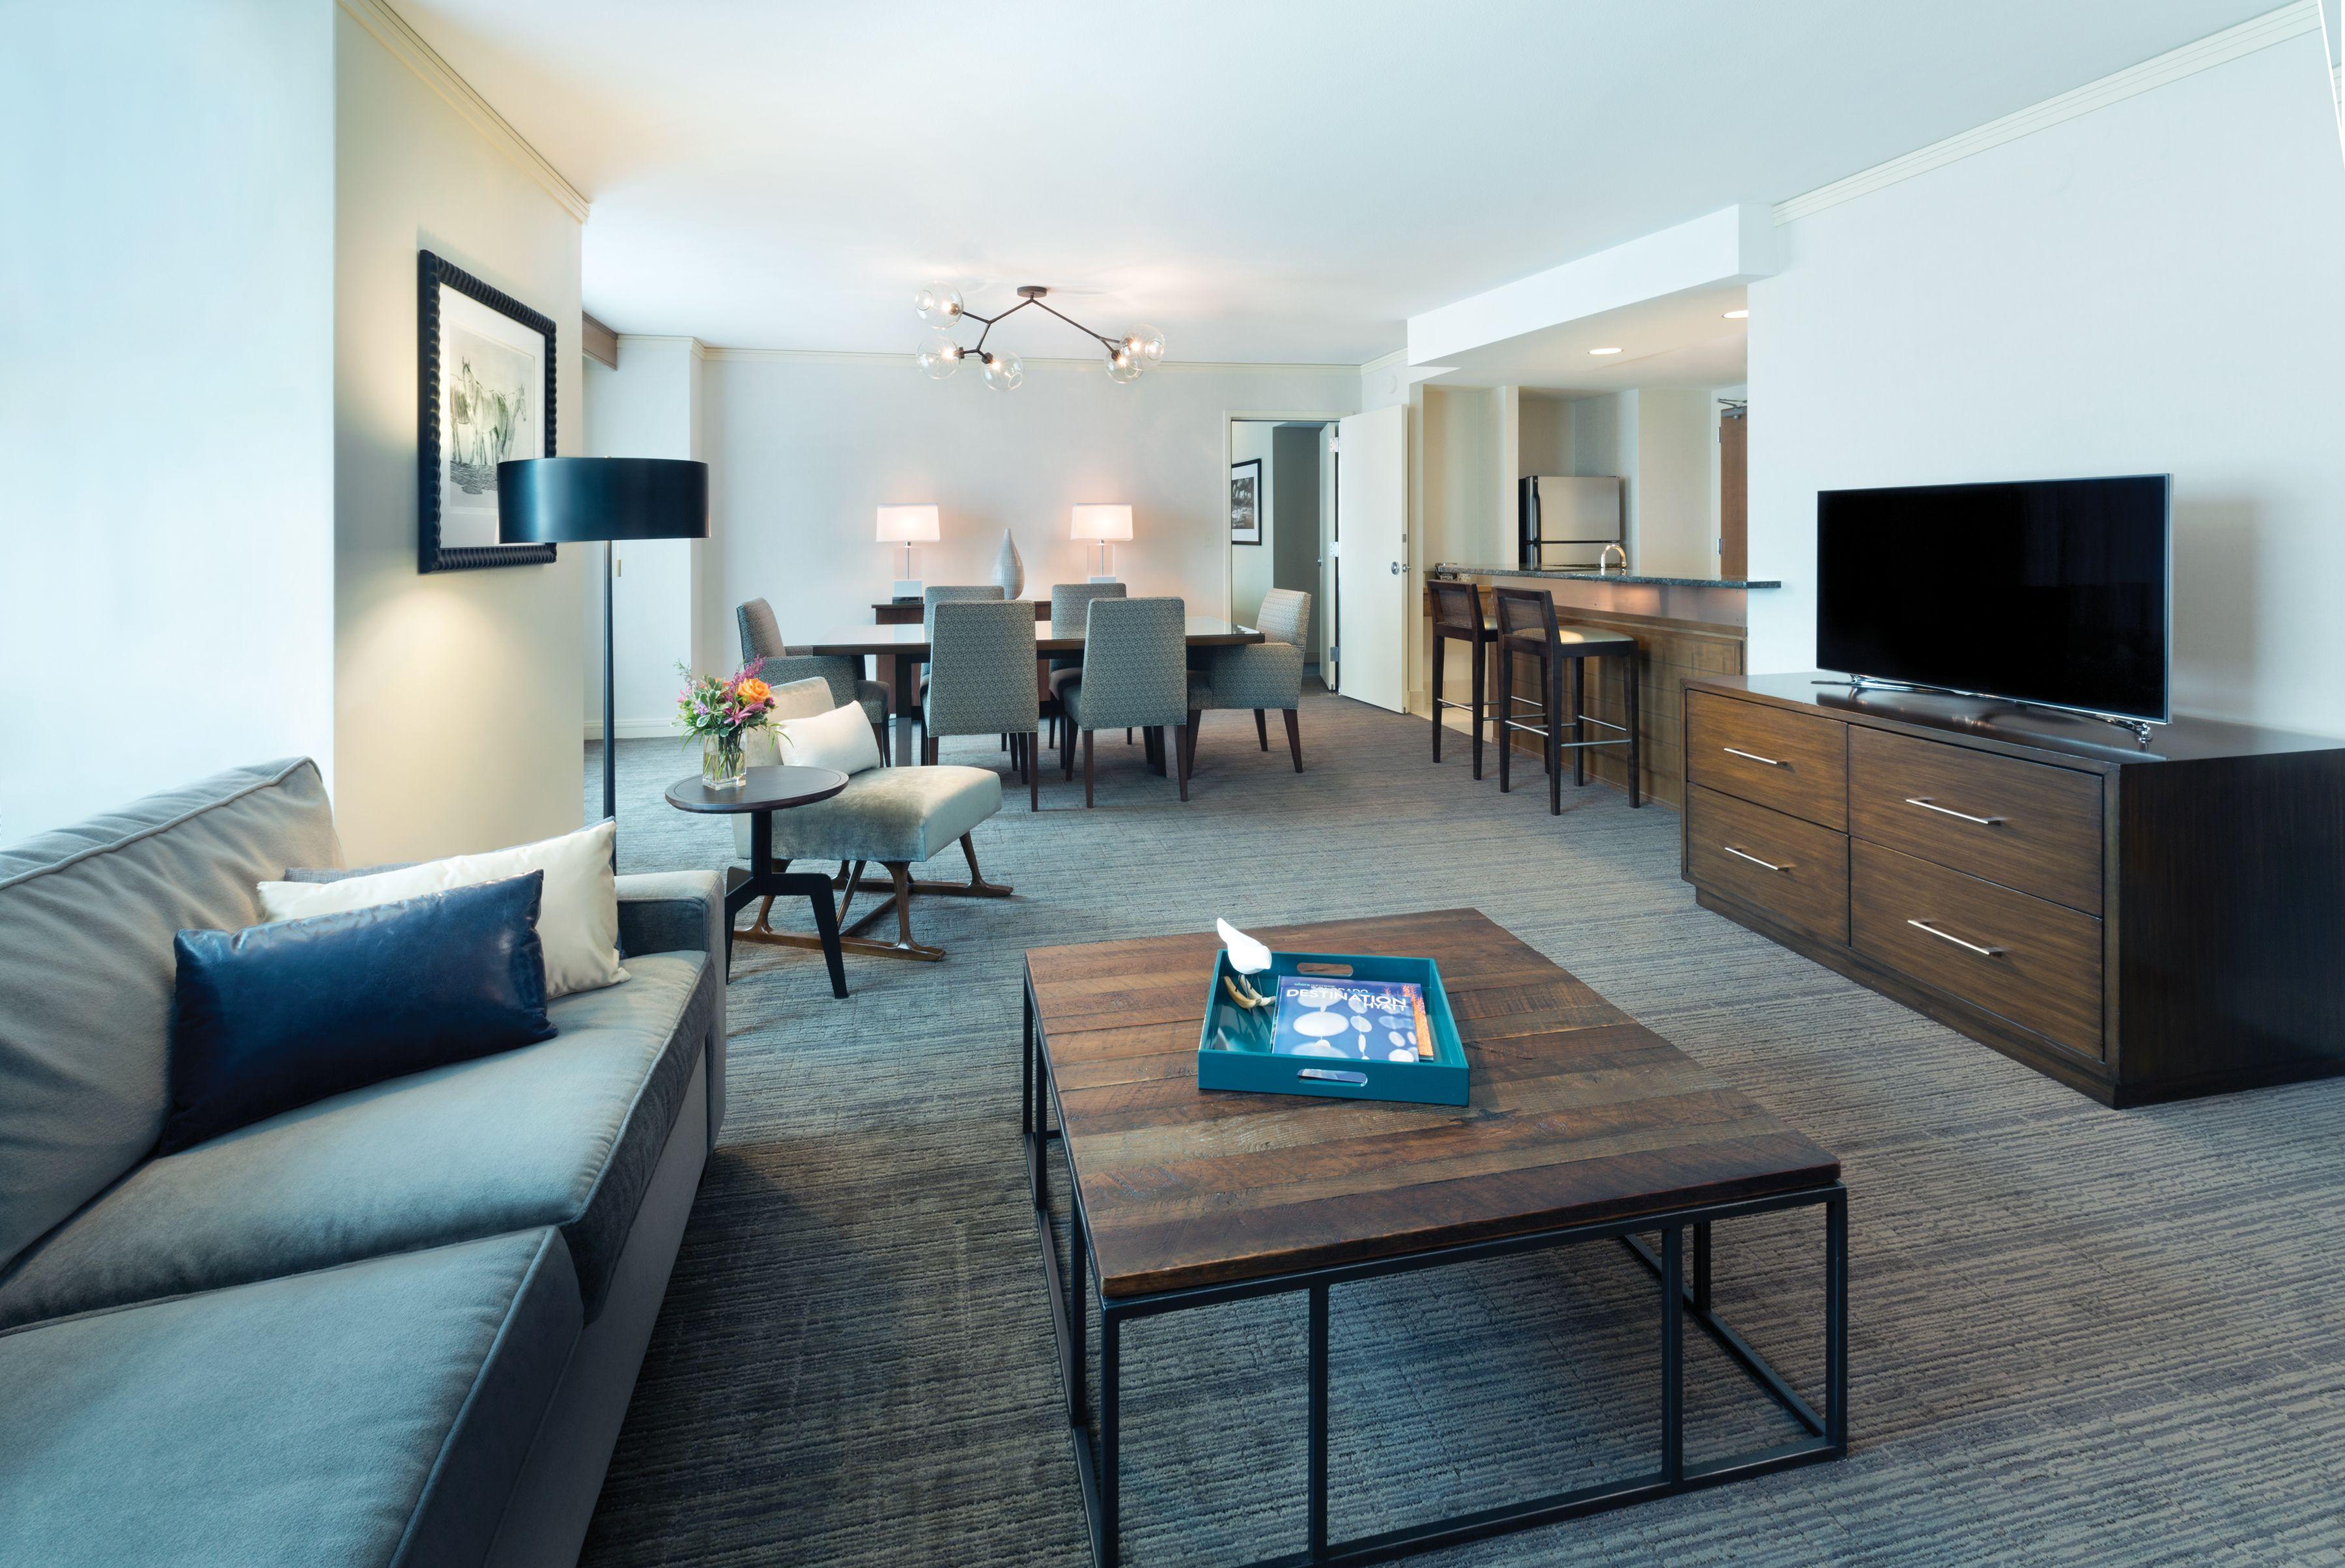 Aspen Suite 1 104 Sq Ft Hyatt Regency Denver Denver Hotels